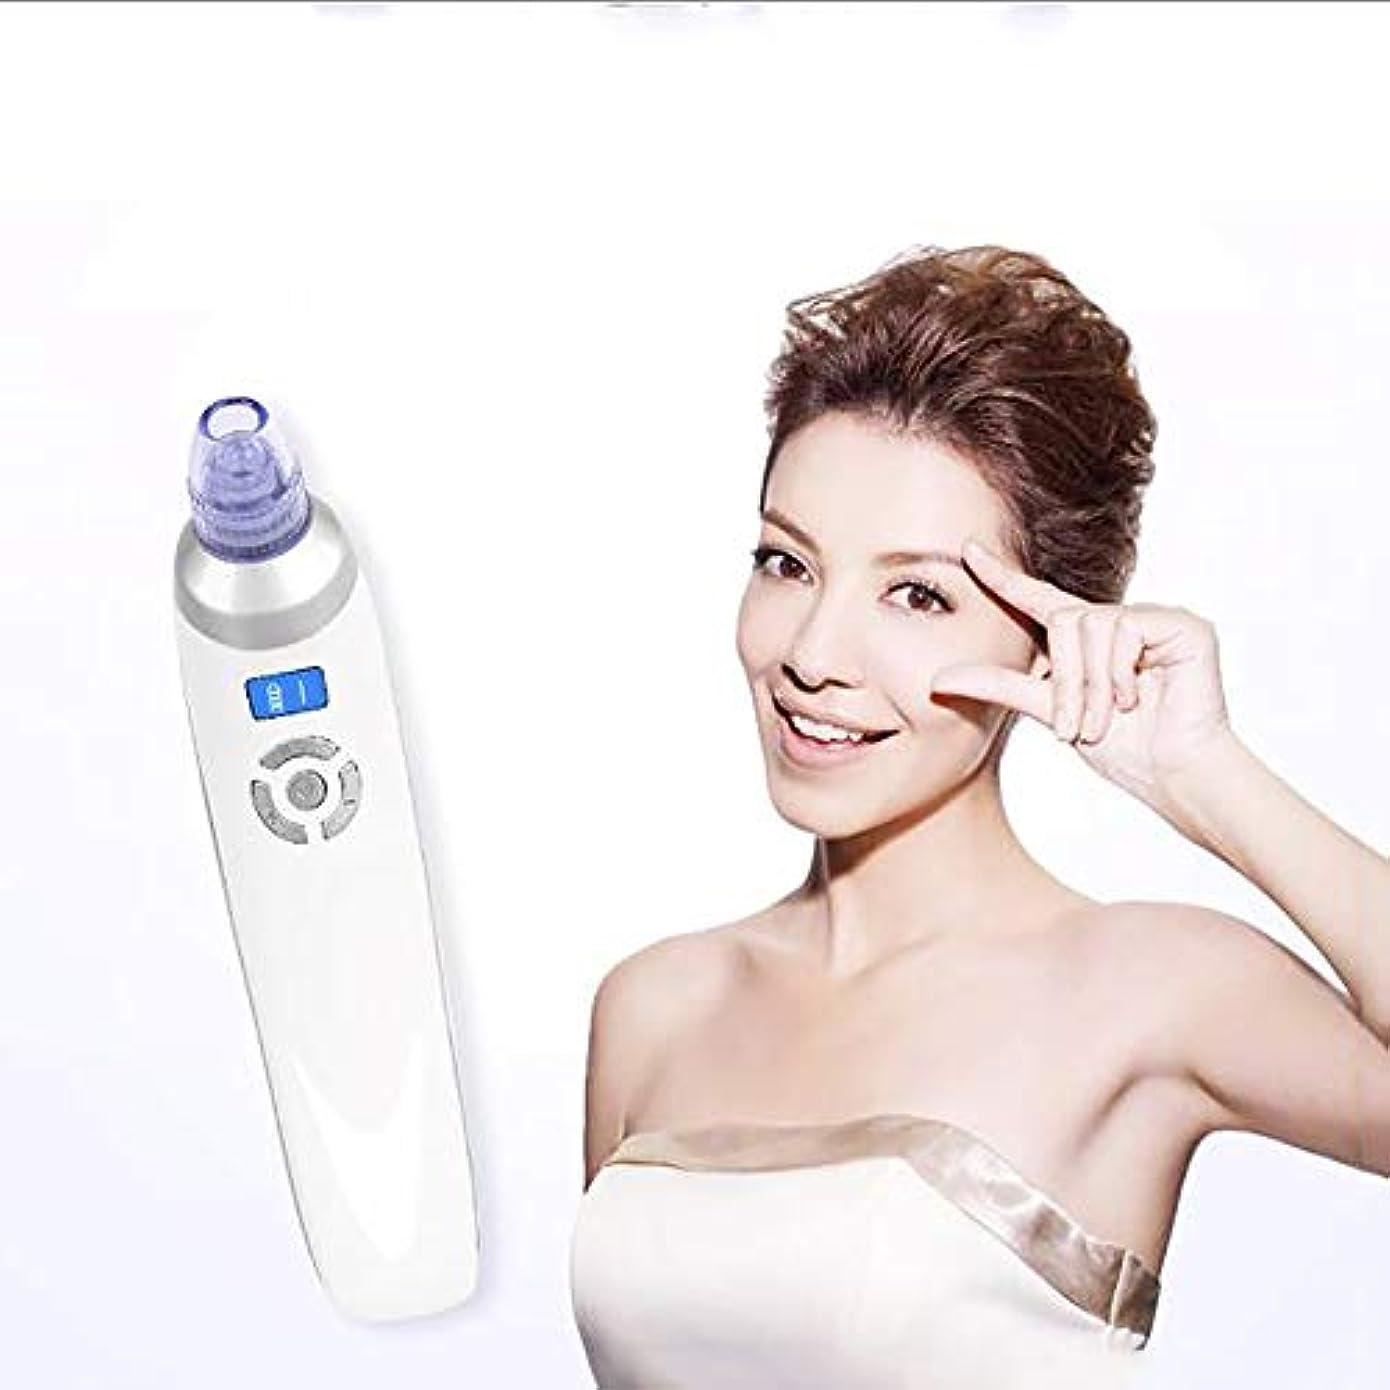 プライバシーキルス皮肉にきび除去掃除機、顔の毛穴クリーナー電気ブラックヘッド抽出器クリーンツールUSB充電式にきび掃除機吸引クリーナー